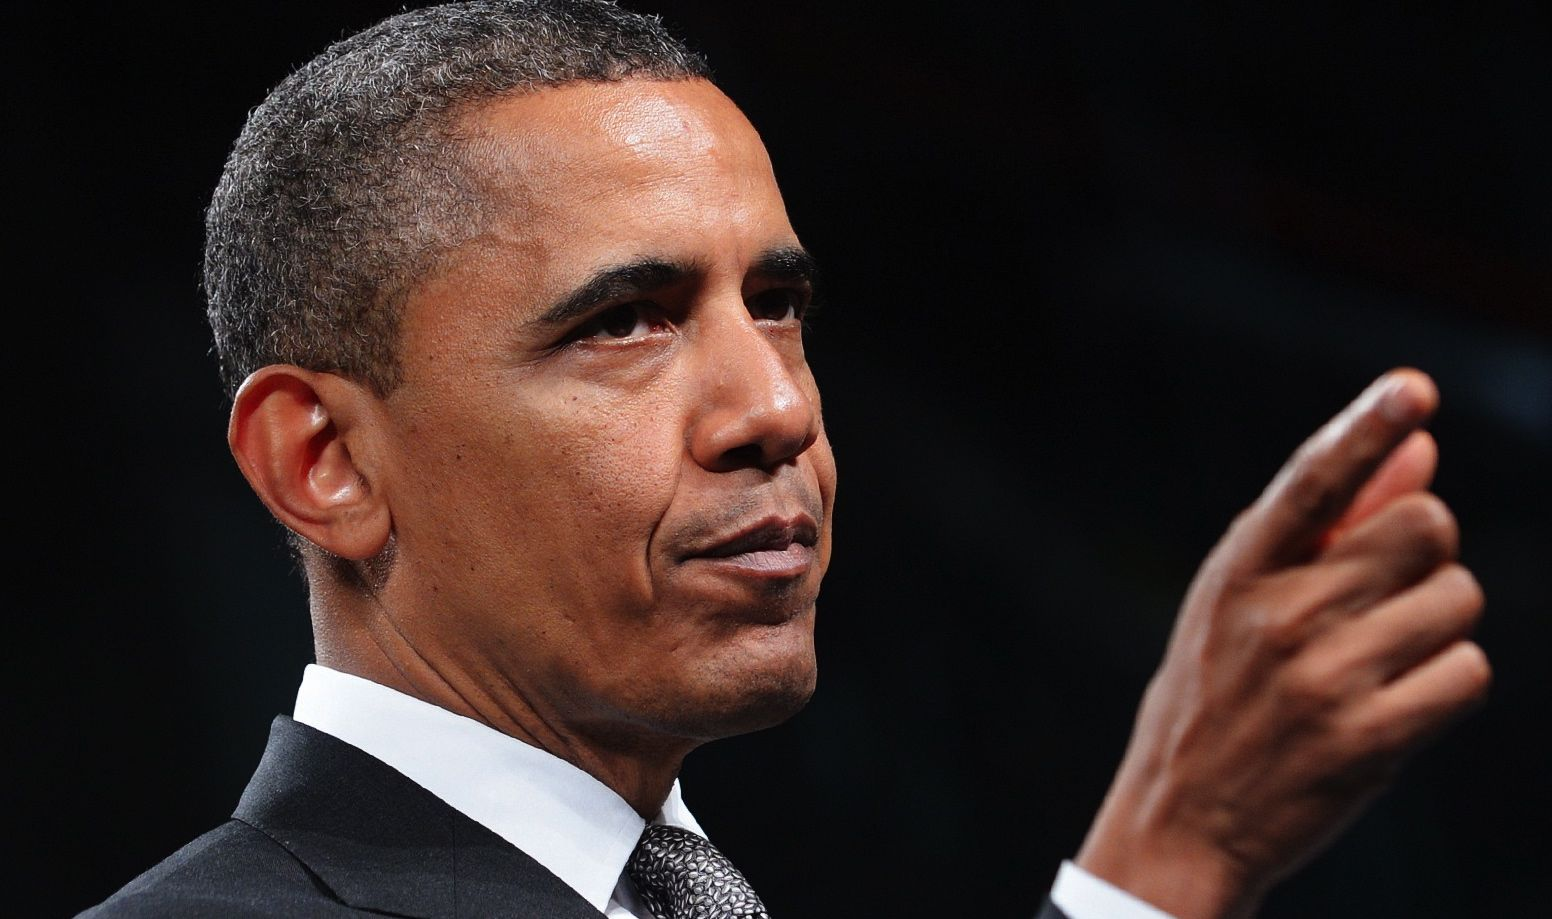 Fiscal Cliff, 257 voti favorevoli alla Camera: Obama e gli Usa evitano il baratro fiscale